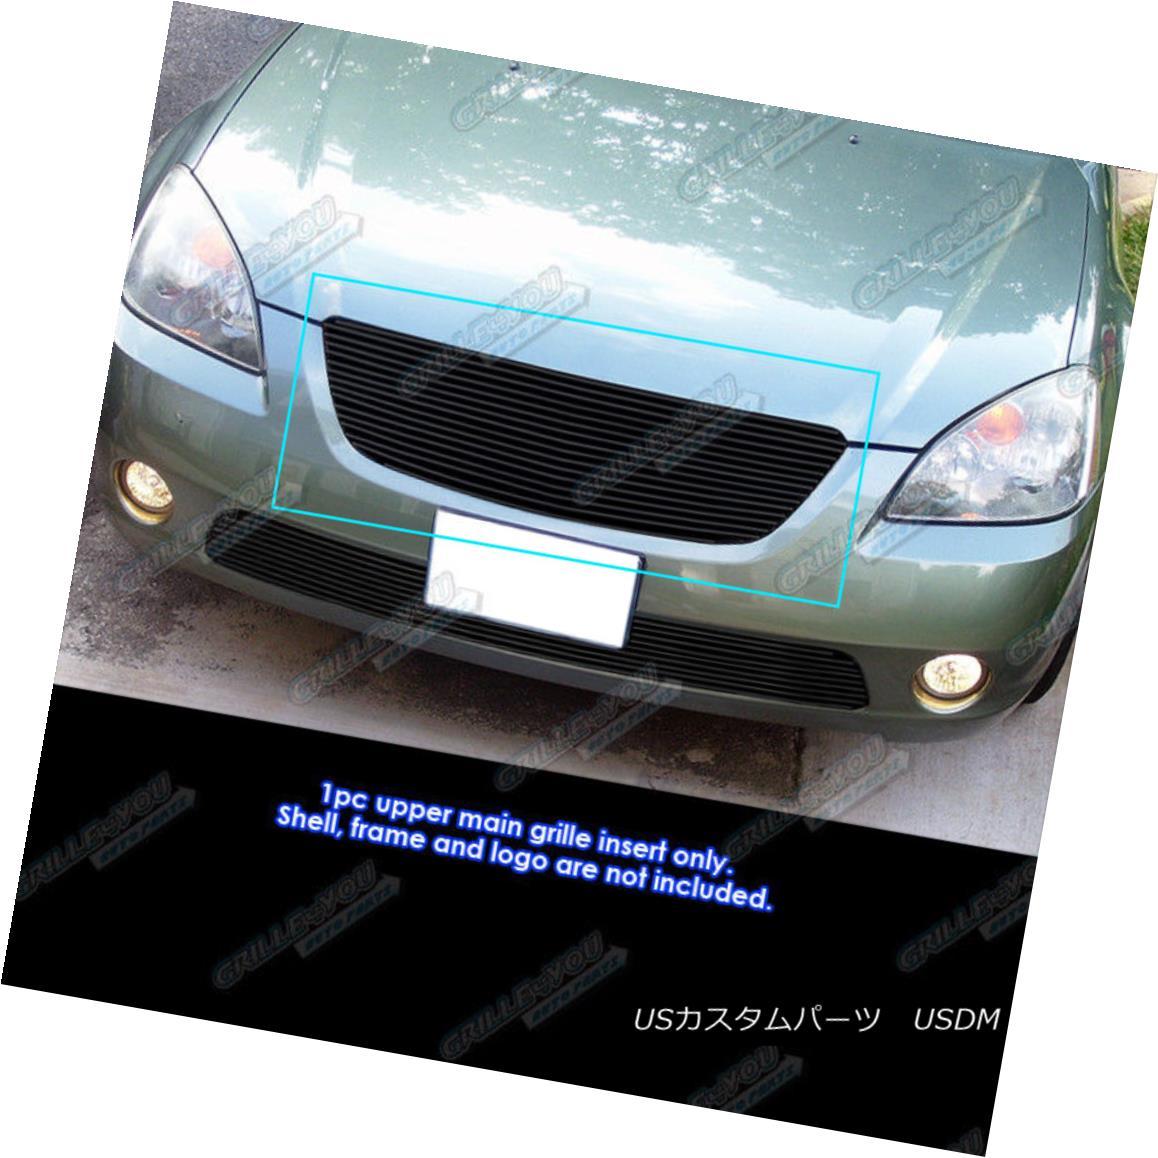 グリル Fits 2002-2004 Nissan Altima Black Main Upper Billet Grille Insert フィット2002-2004日産アルティマブラックメインアッパービレットグリルインサート